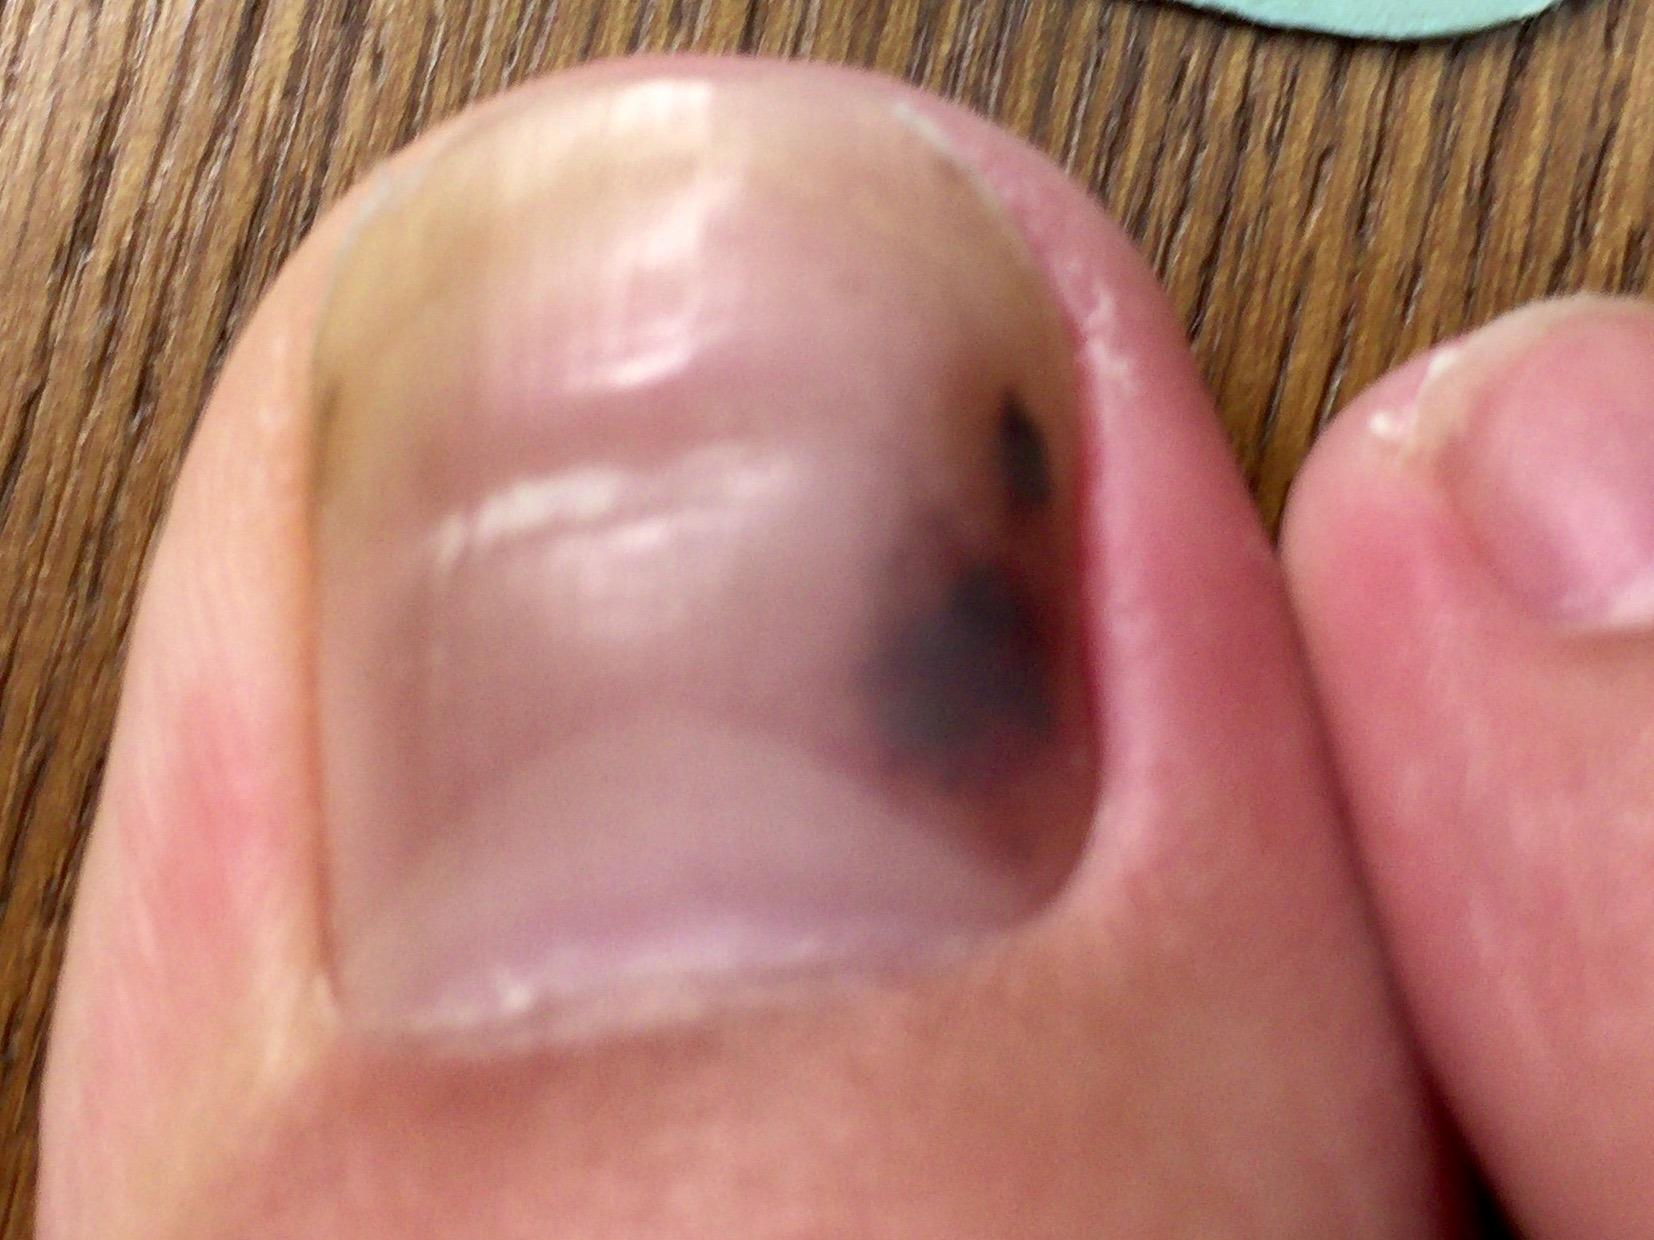 皮膚病 グロ 靴をずっと履いていて指が痛くなったのでそれがいけないのかなと思ってます。でも調べると皮膚ガンとか書いてあったのでとても怖いです。血豆ならいいですが.